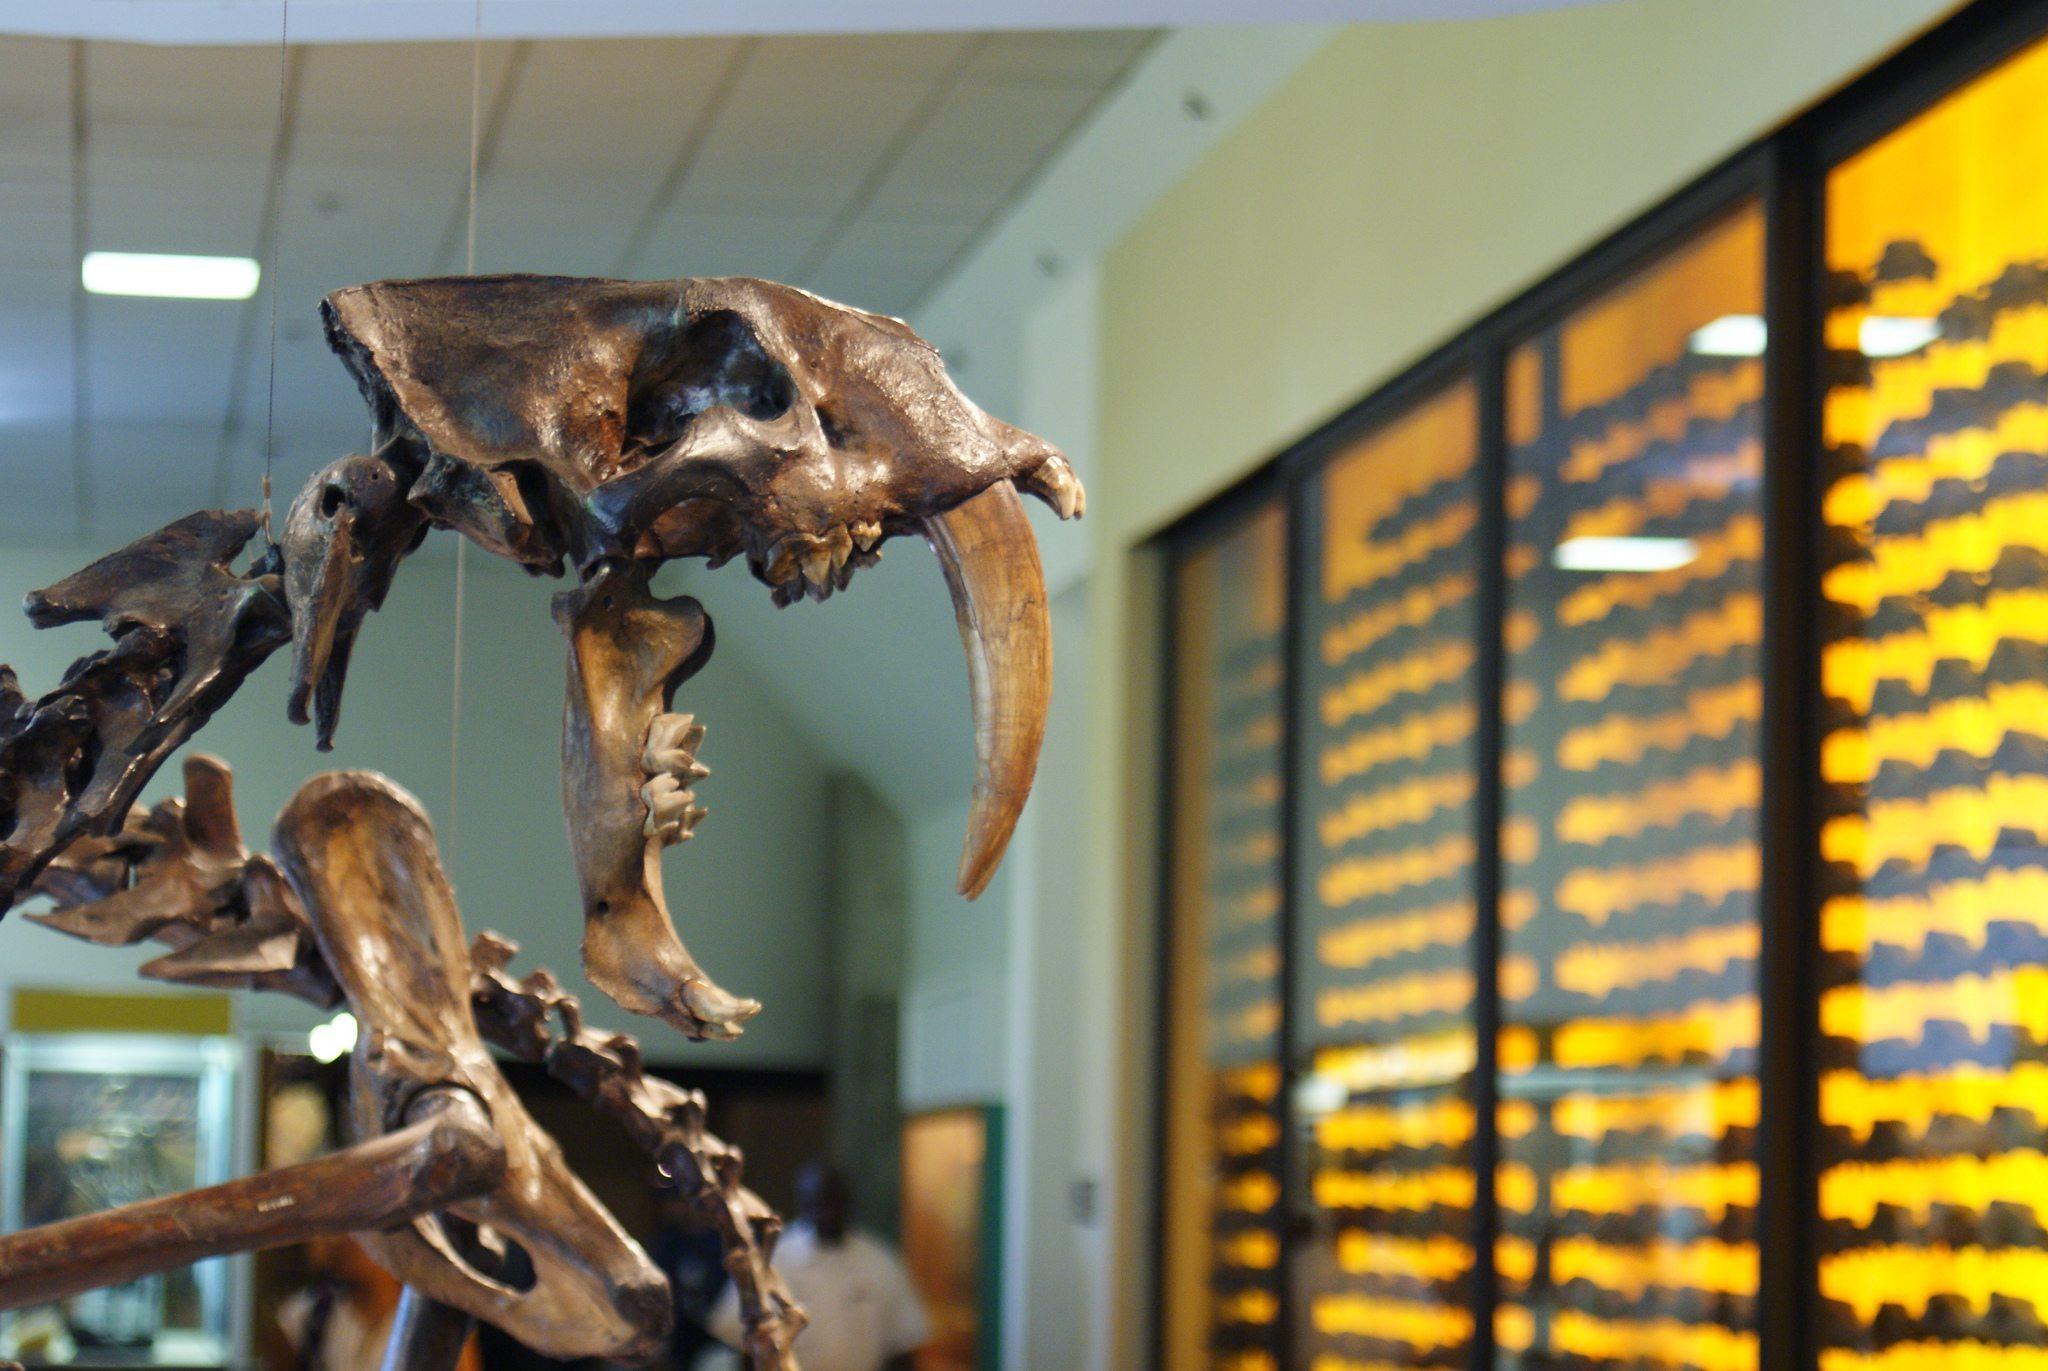 Image: Smilodon skull from the La Brea Tar Pits